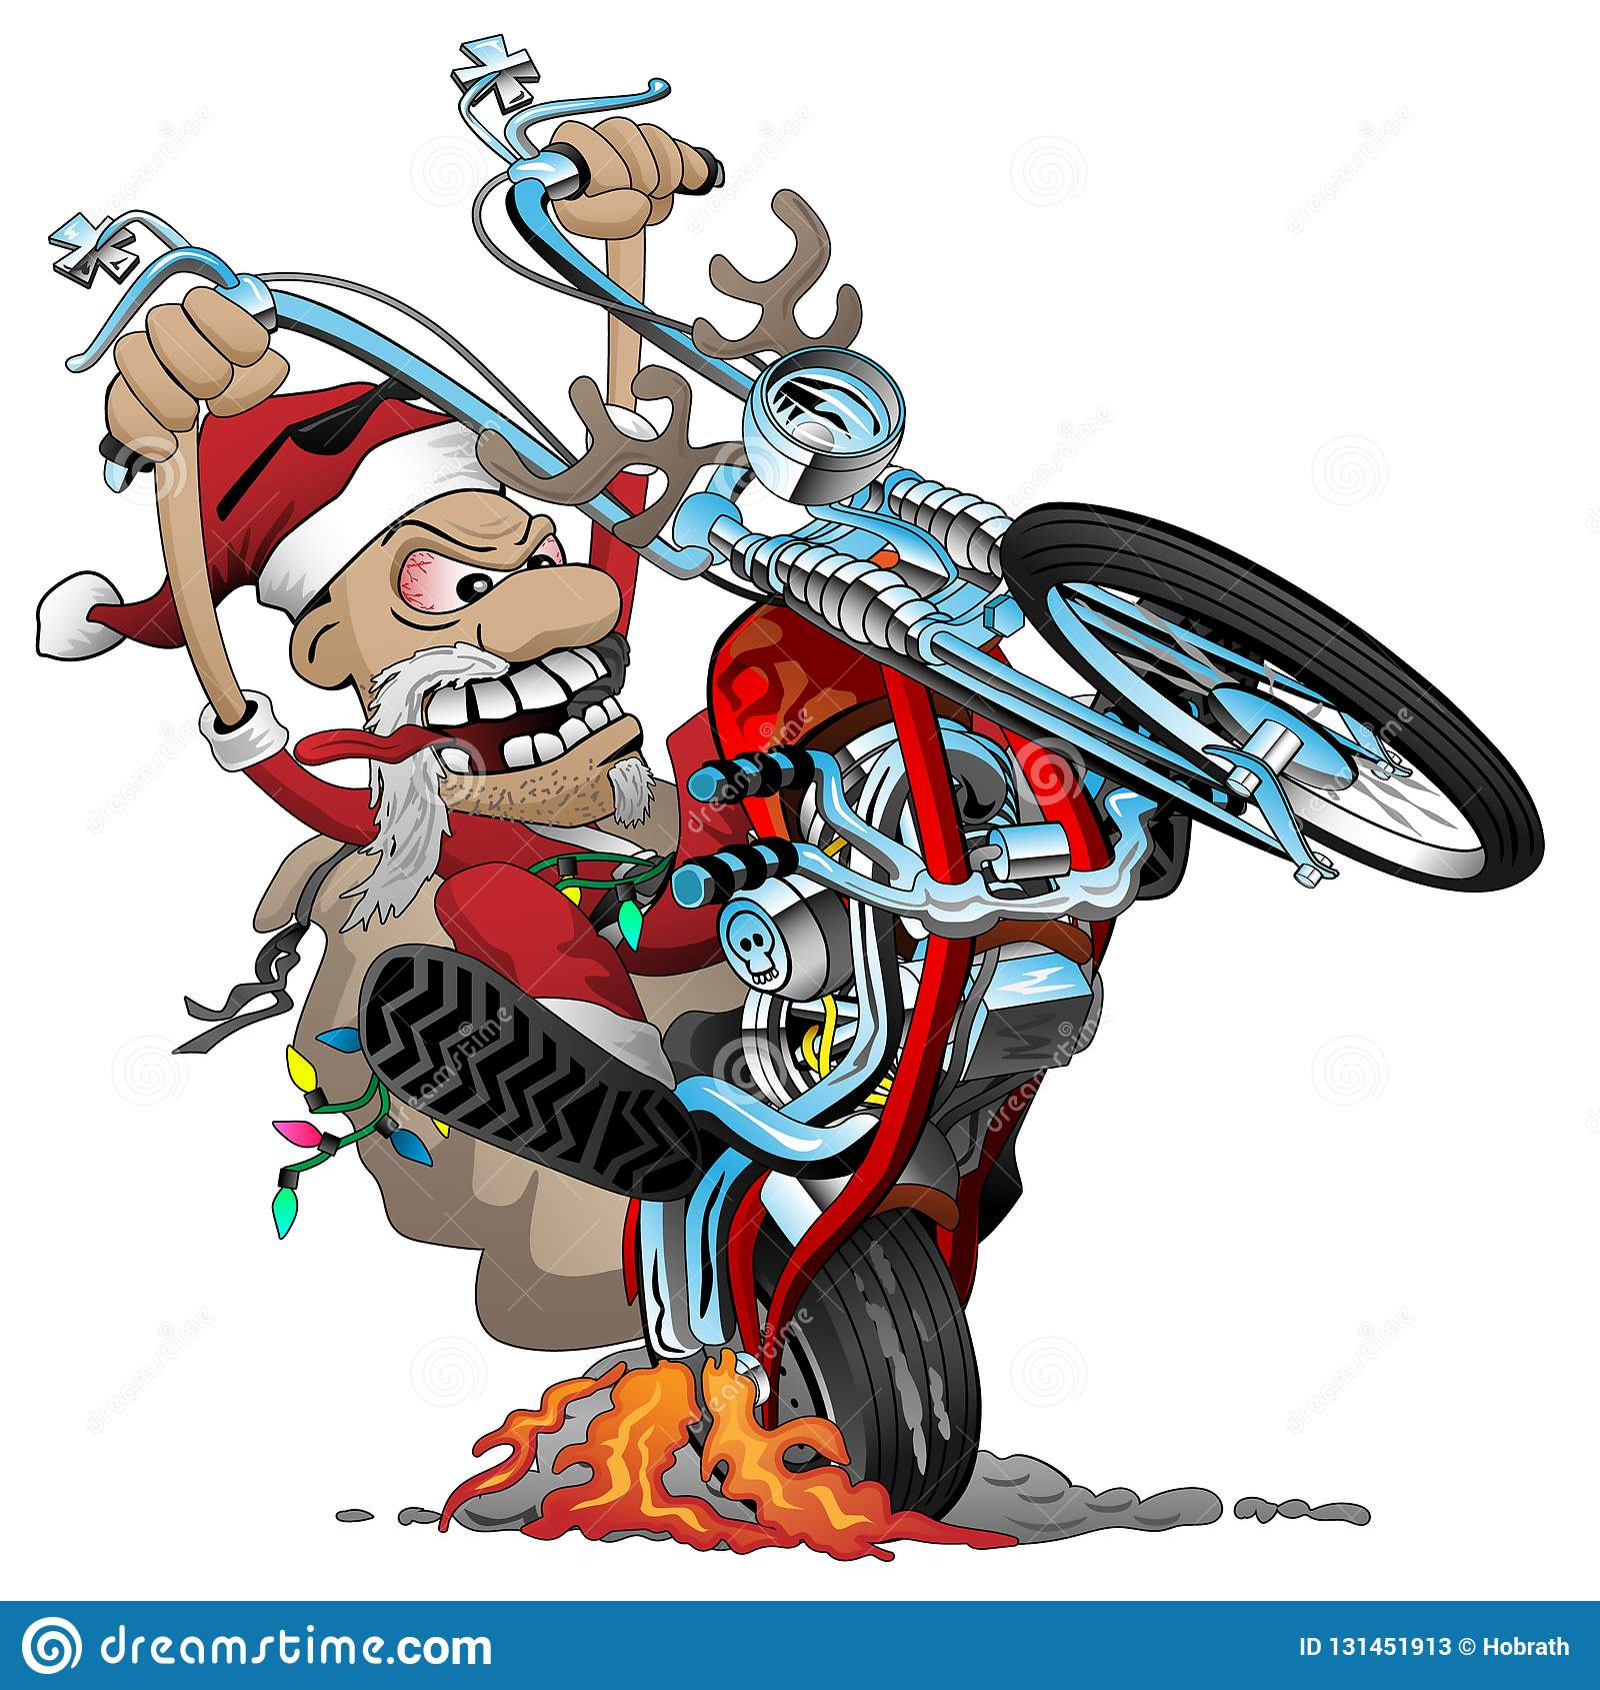 Ποδηλάτης Santa σε μια αμερικανική μοτοσικλέτα μπαλτάδων ύφους, που σκάει ένα wheelie, διανυσματική απεικόνιση κινούμενων σχεδίων